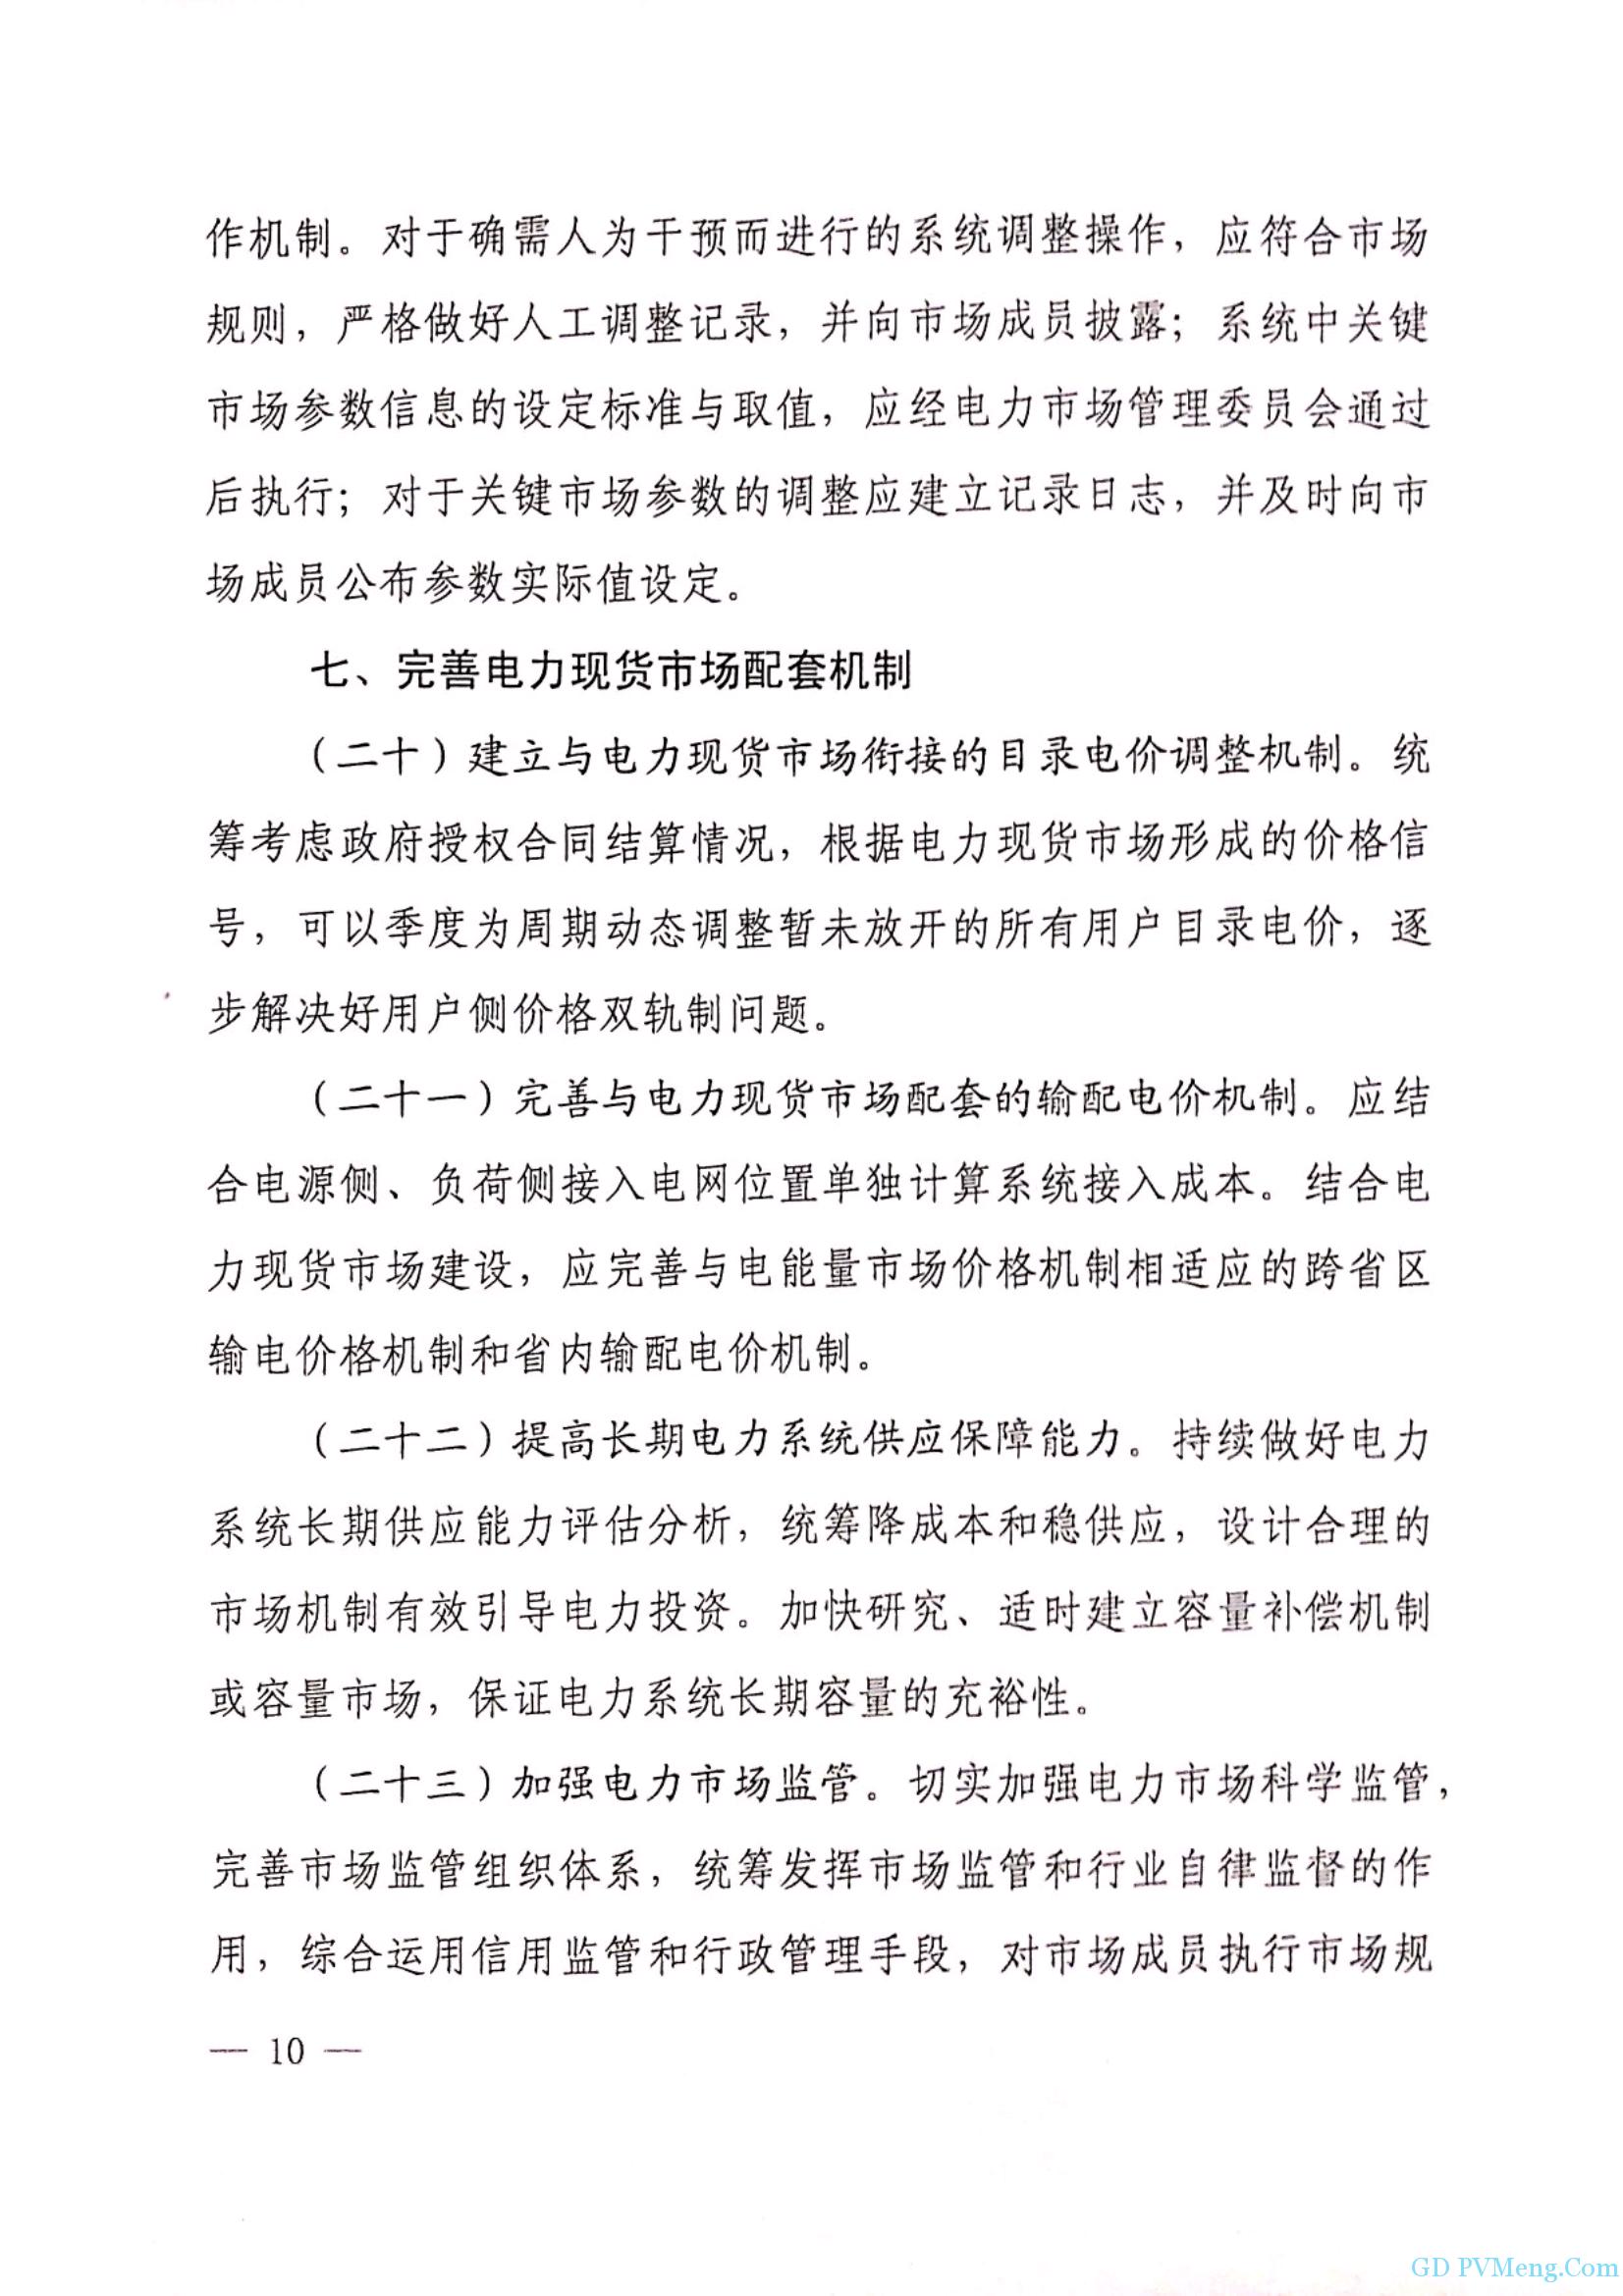 国家能源局综合司关于进一歩推进电力现货市场建设试点工作的意见的函(征求意见稿)20190305